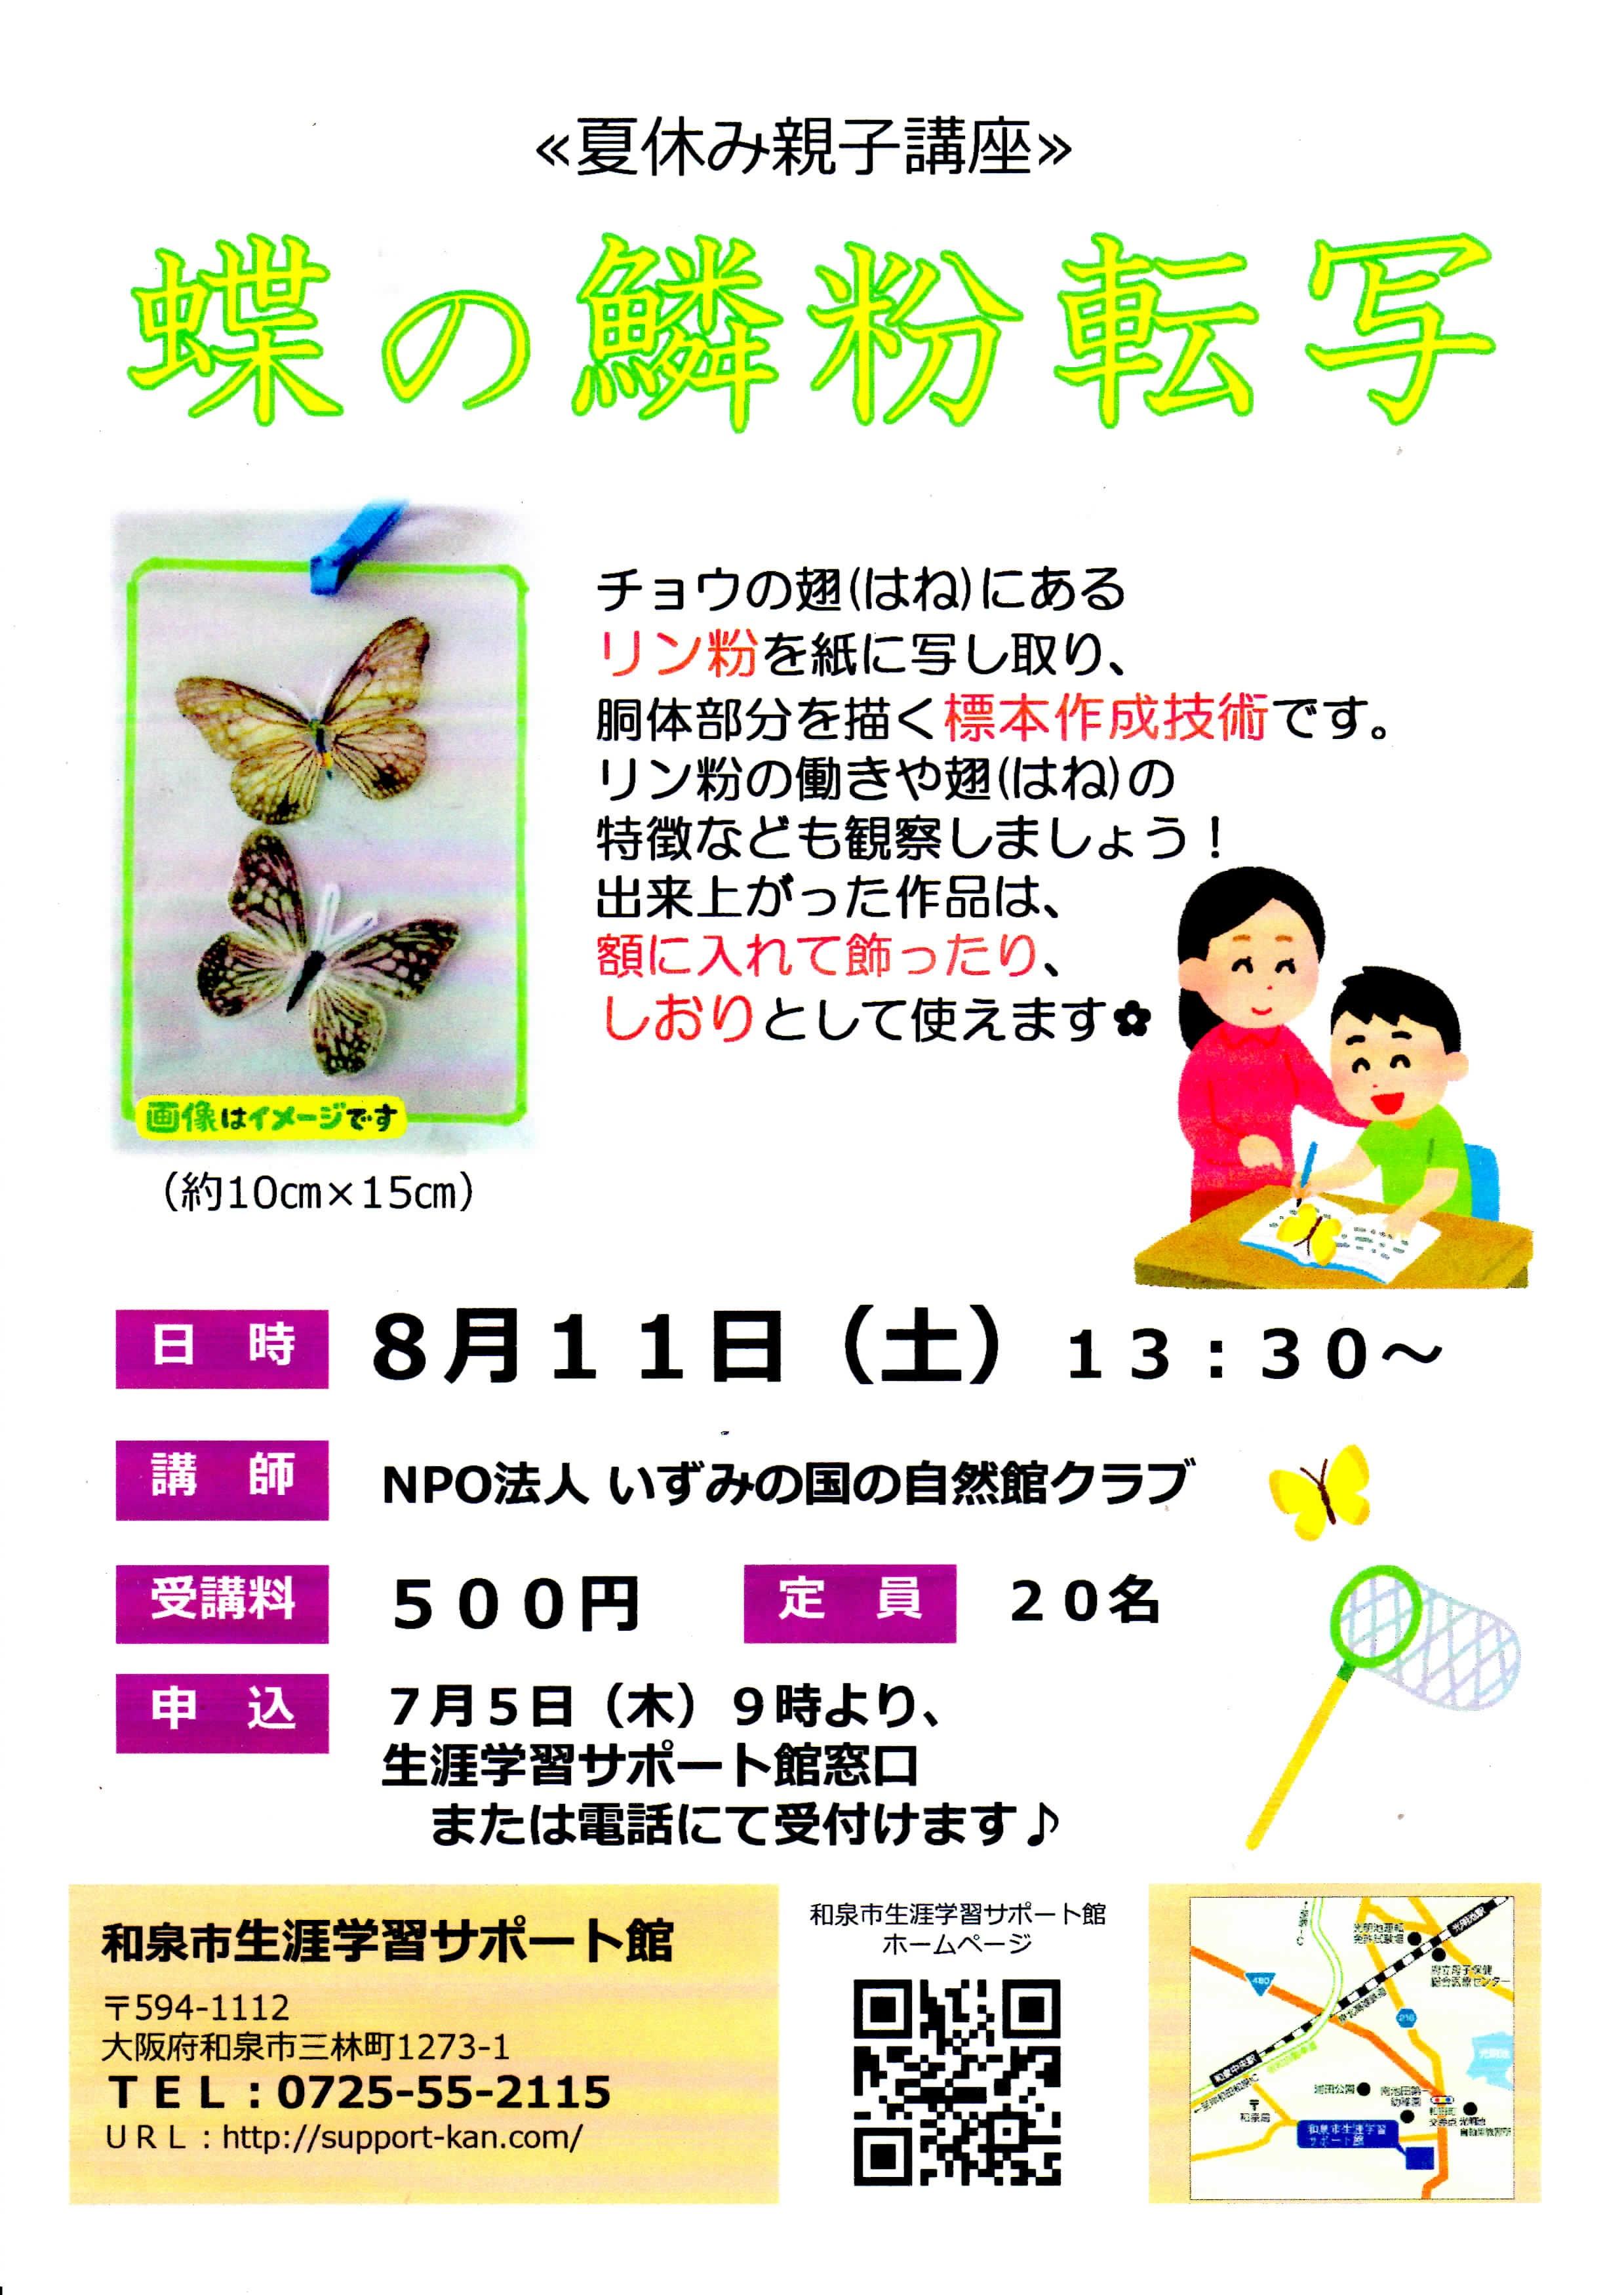 ≪夏休み親子講座≫ ~蝶の麟粉転写~ 8/11(土)開催!